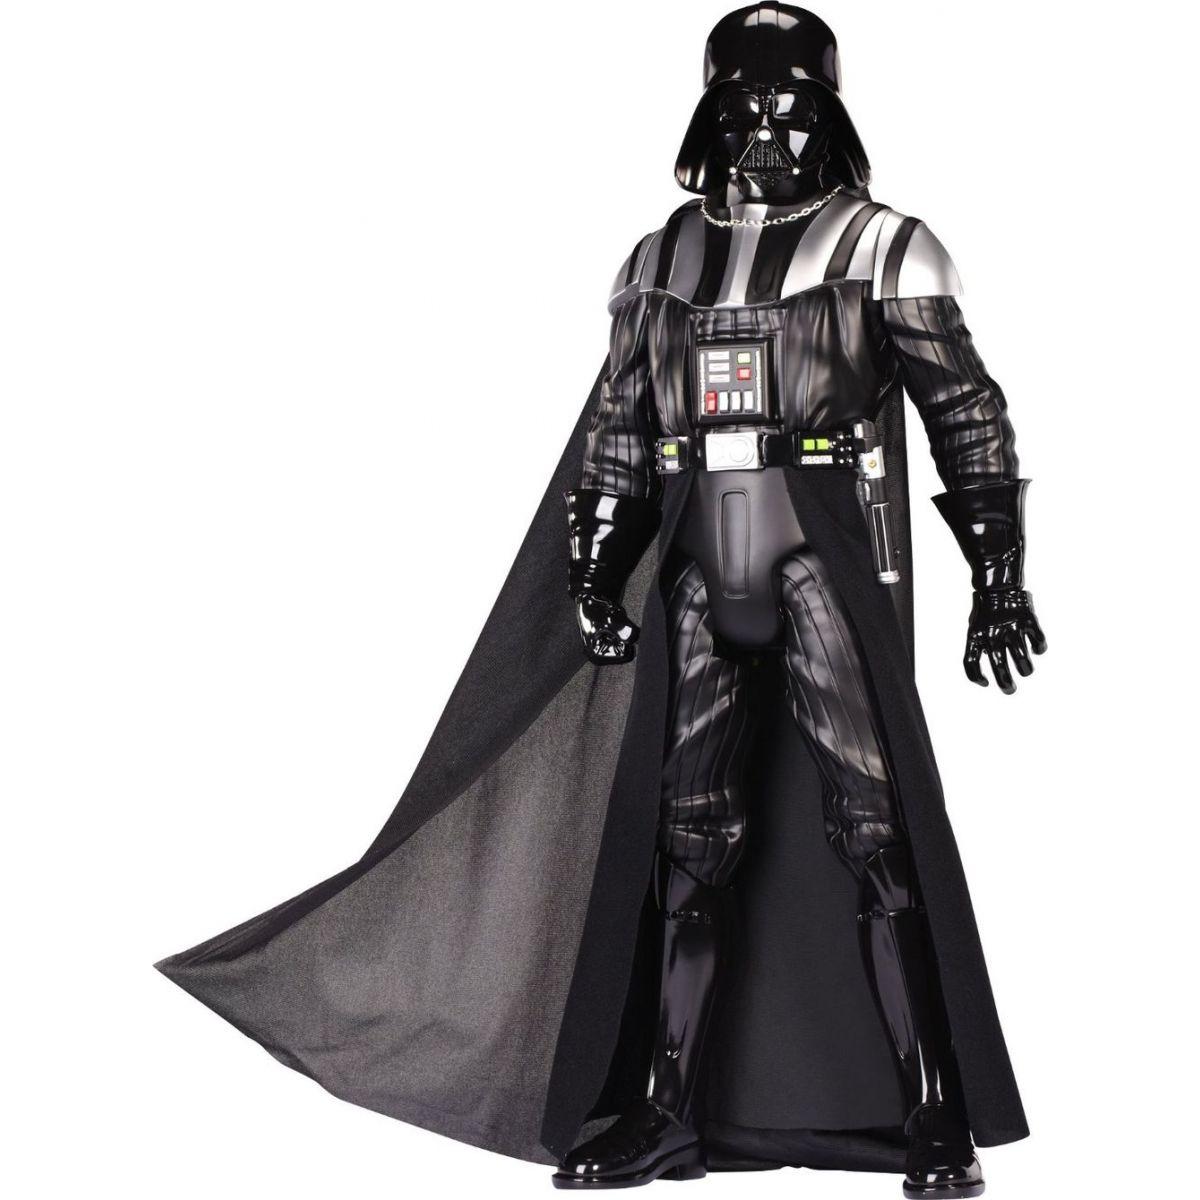 Jakks Pacific 58712 - Darth Vader postava 79 cm STAR WARS